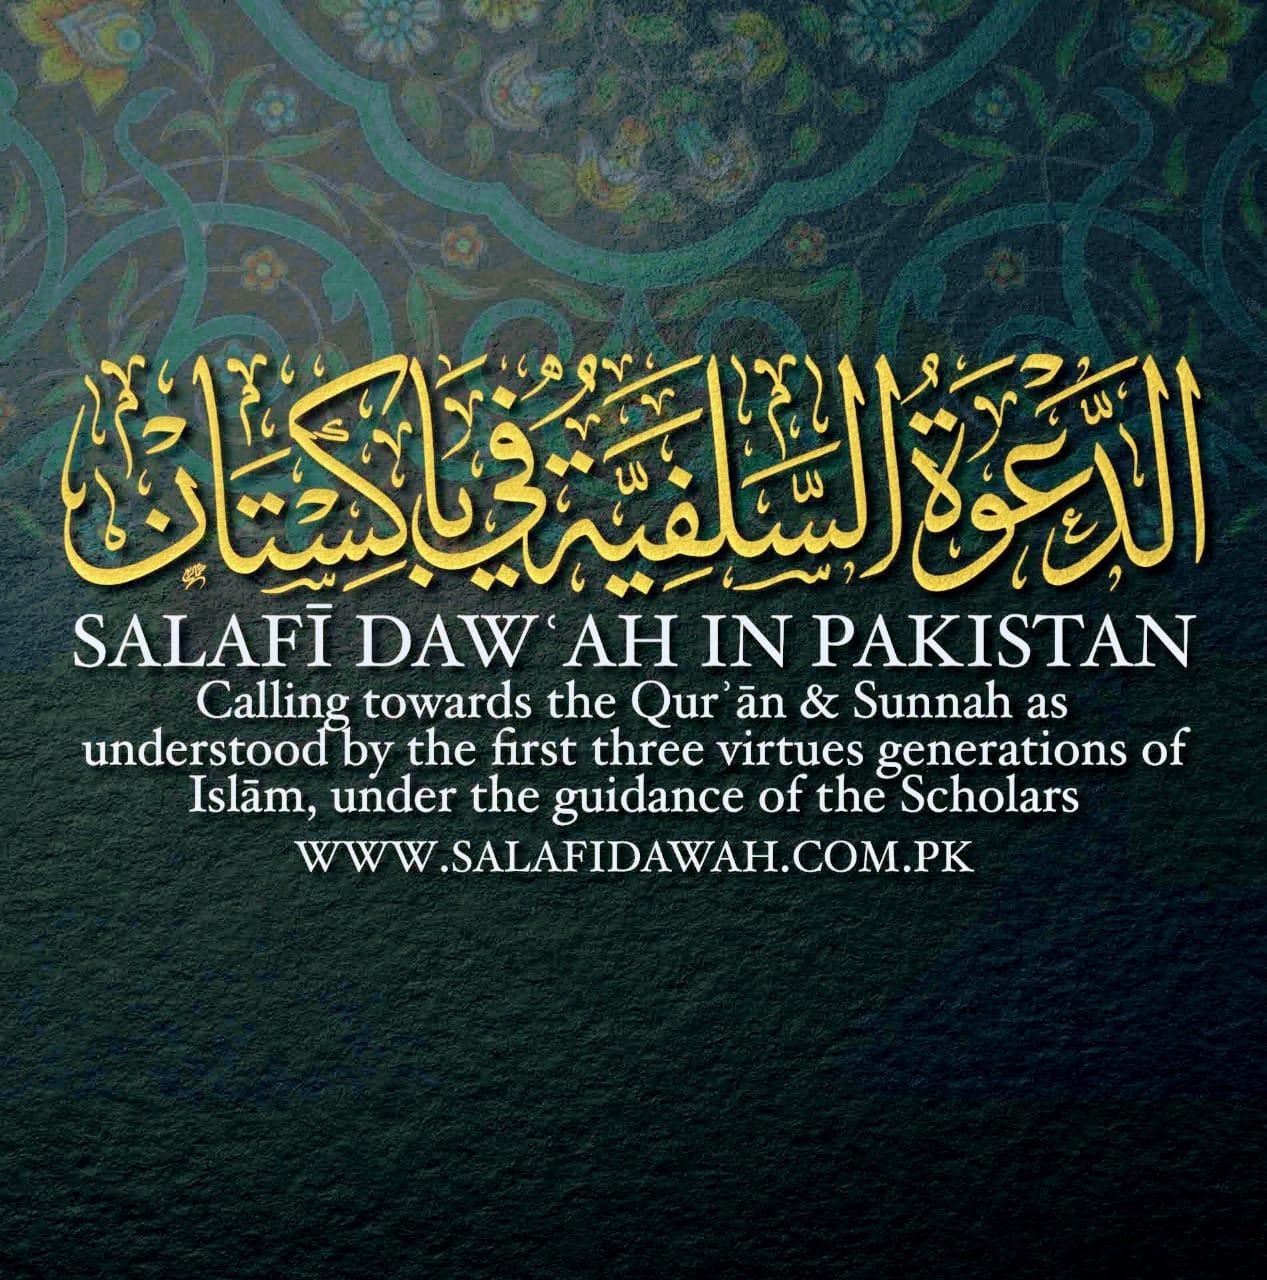 Salafi Dawah